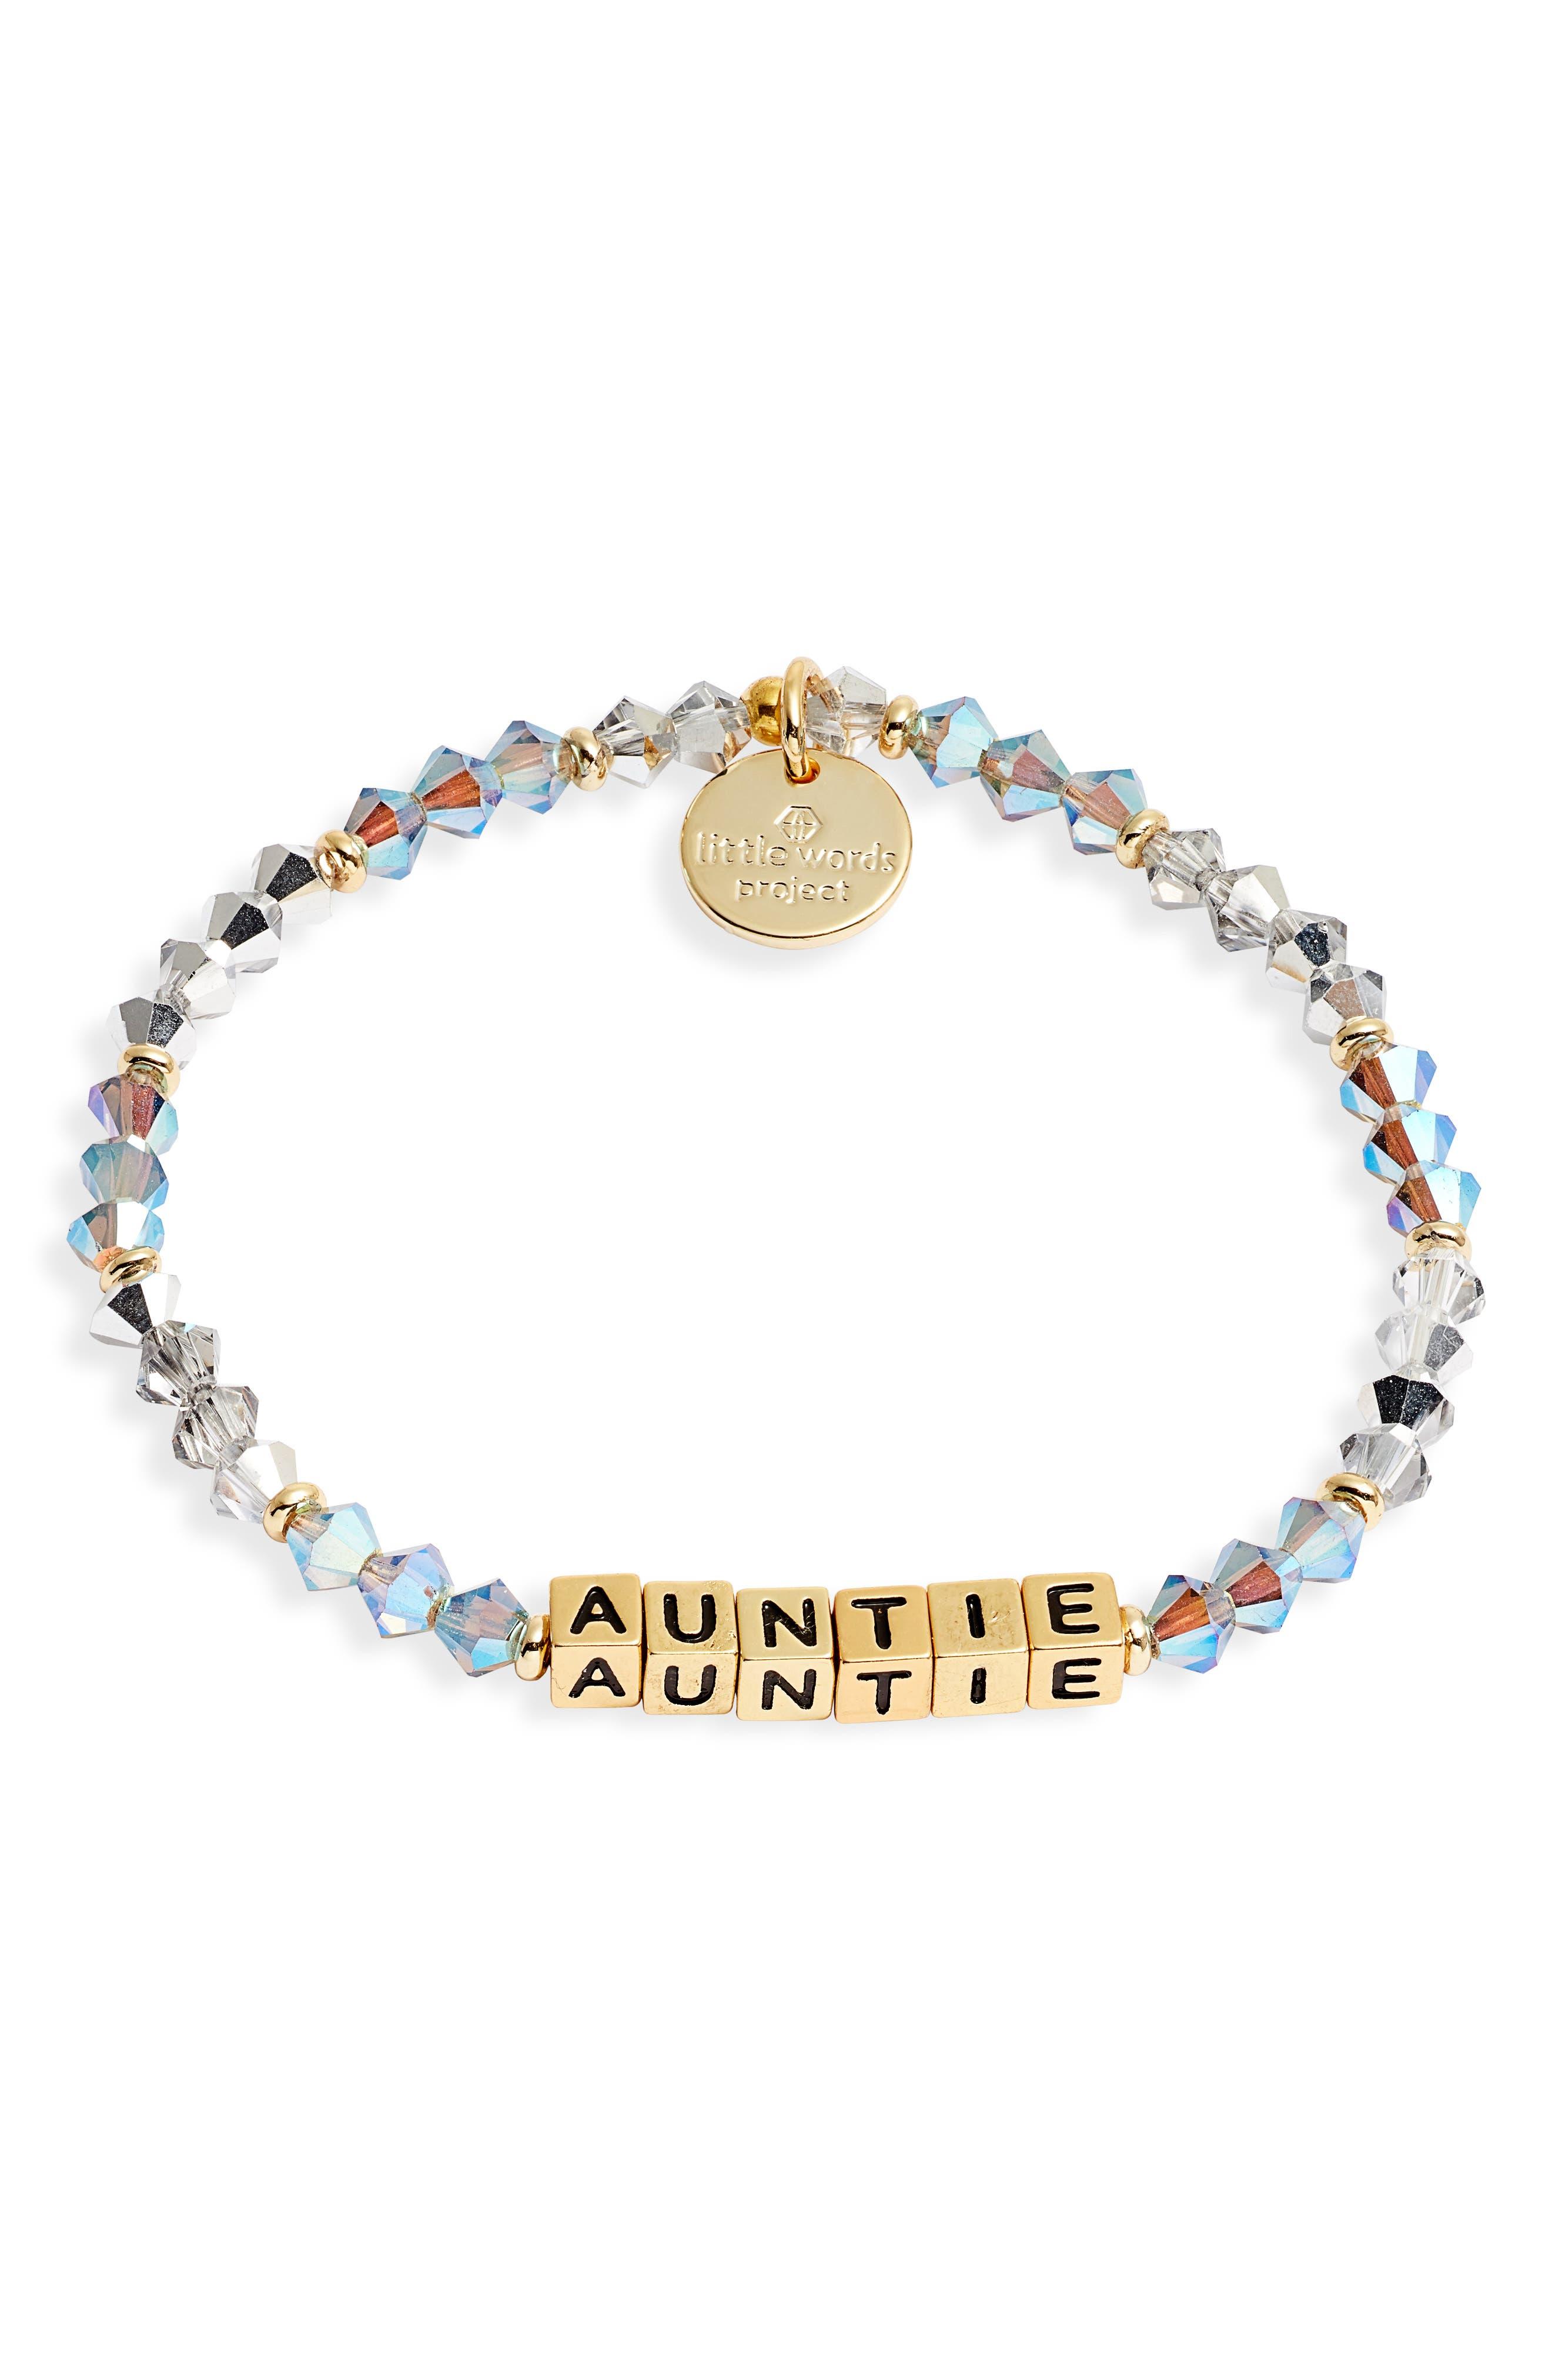 Auntie Beaded Stretch Bracelet